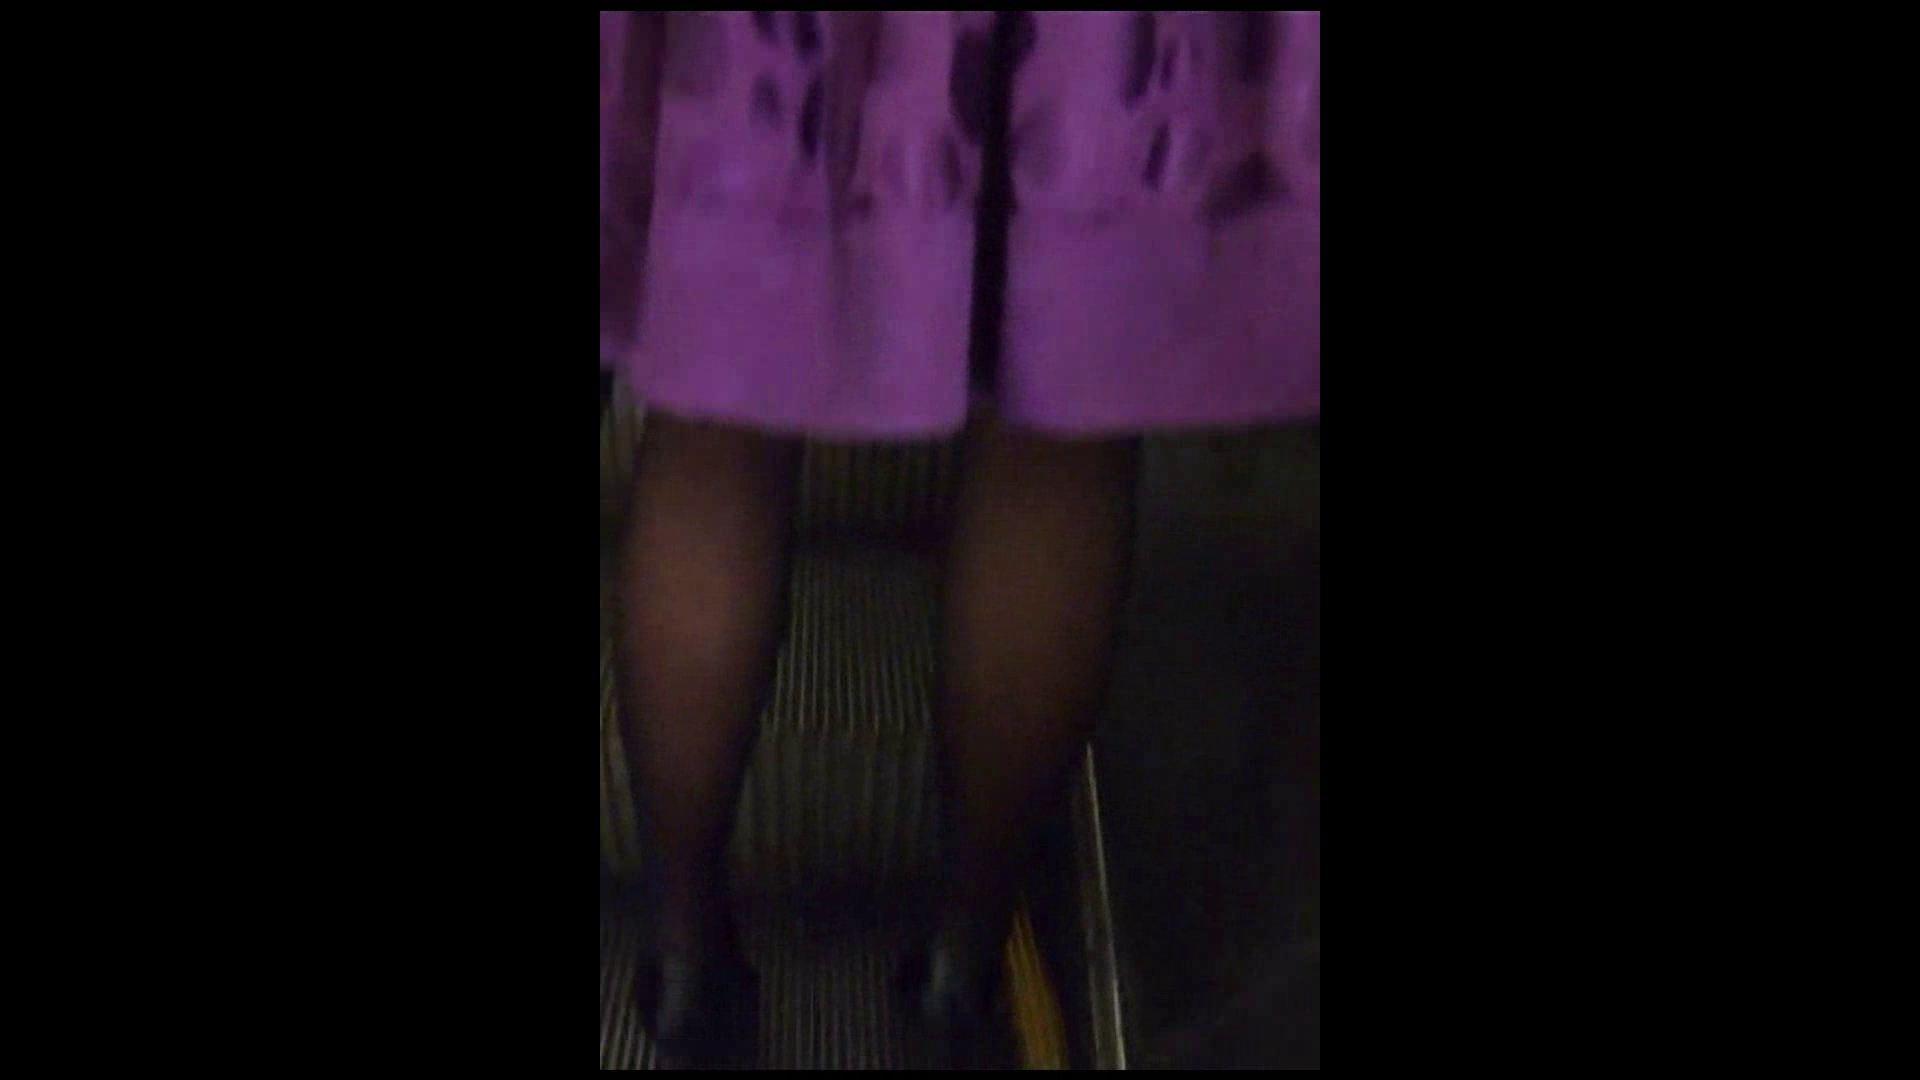 綺麗なモデルさんのスカート捲っちゃおう‼vol03 お姉さんのエロ動画 | 0  101PIX 21